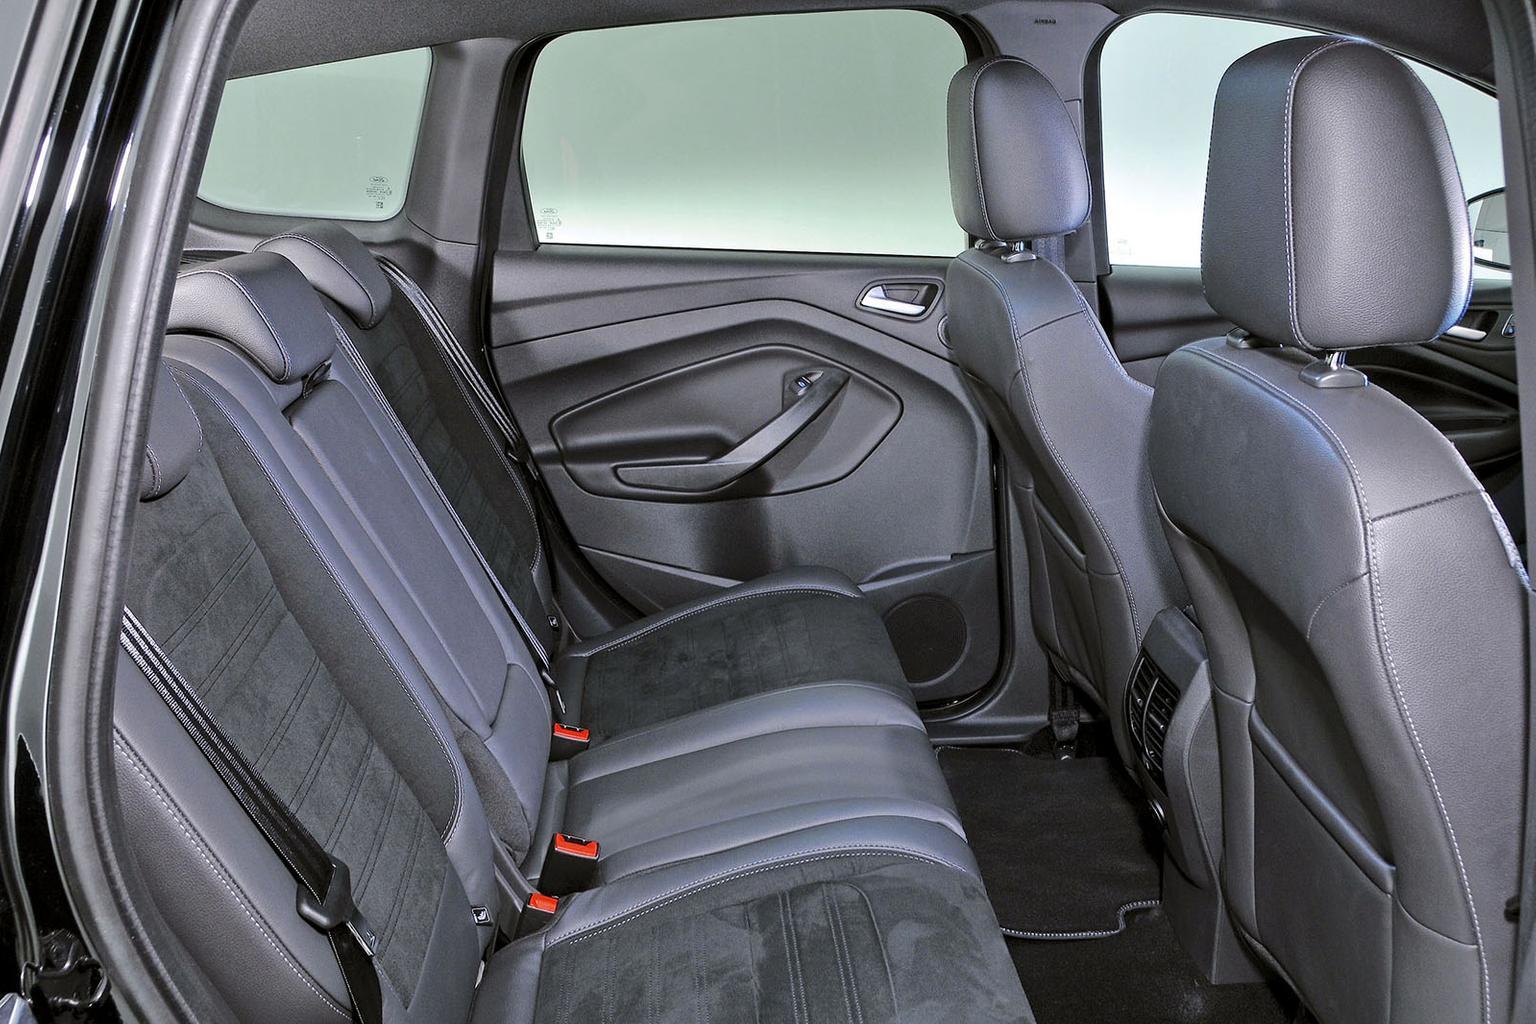 New Seat Ateca vs Audi Q2 vs Ford Kuga